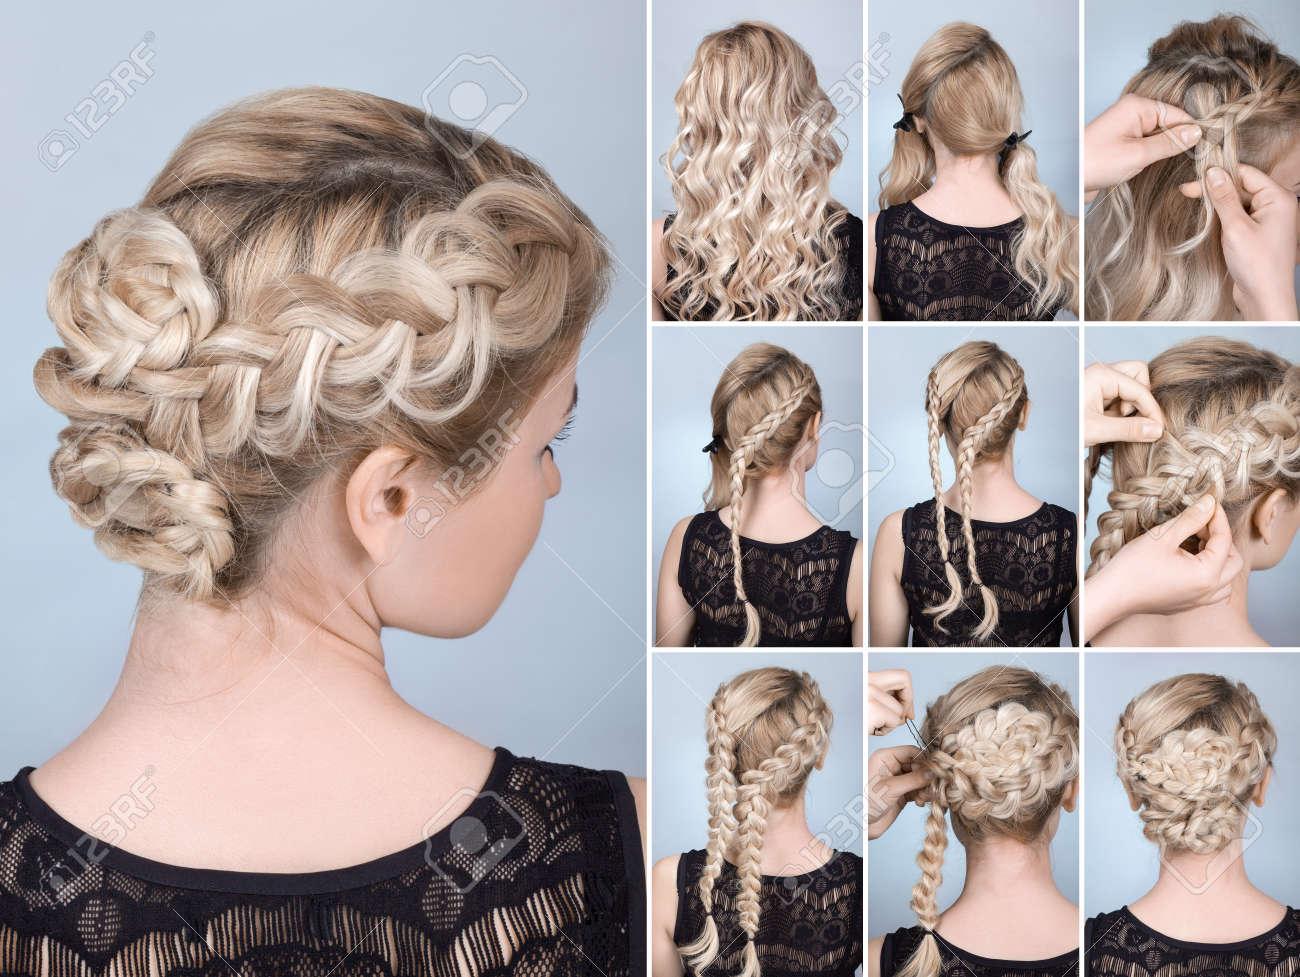 Frisur Zopf Auf Blonde Modell Tutorial Frisur Für Langes Haar